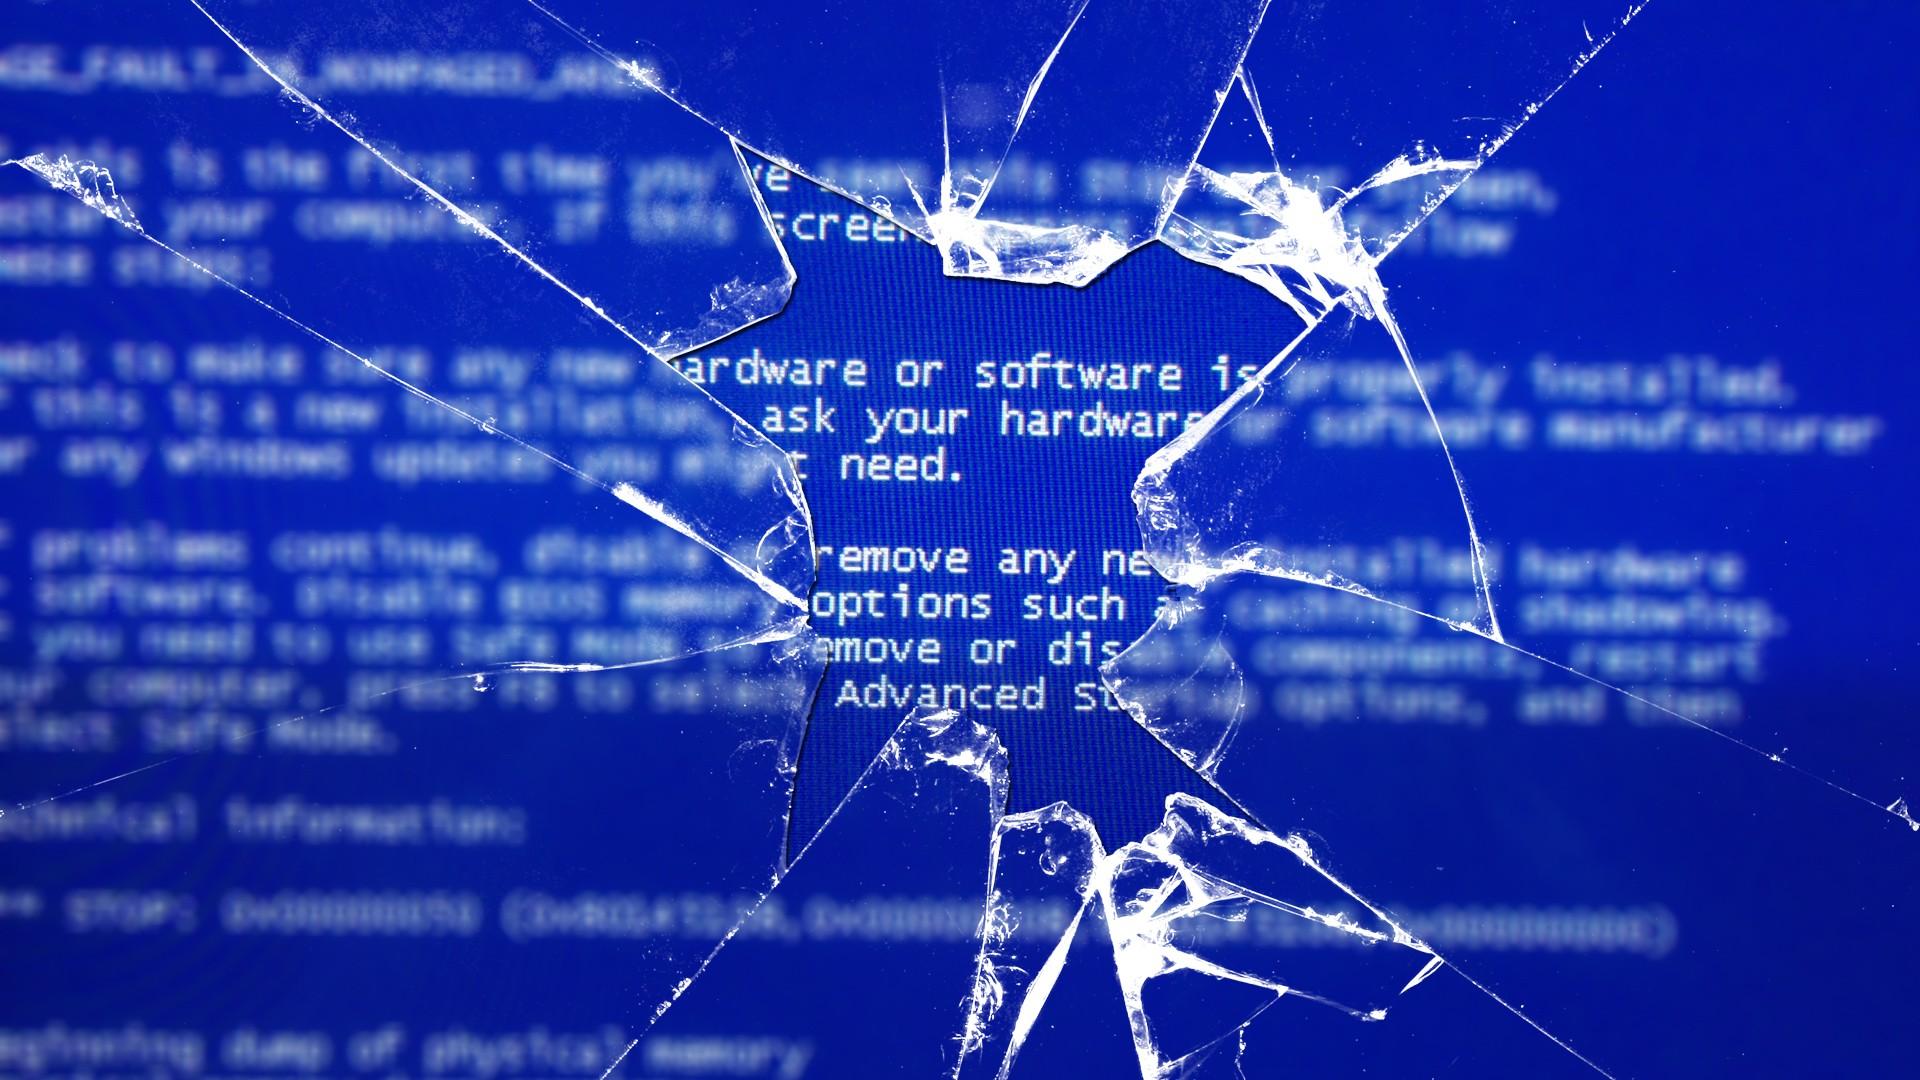 screen cracked wallpaper broken wallpapers realistic freewares 1920x1080